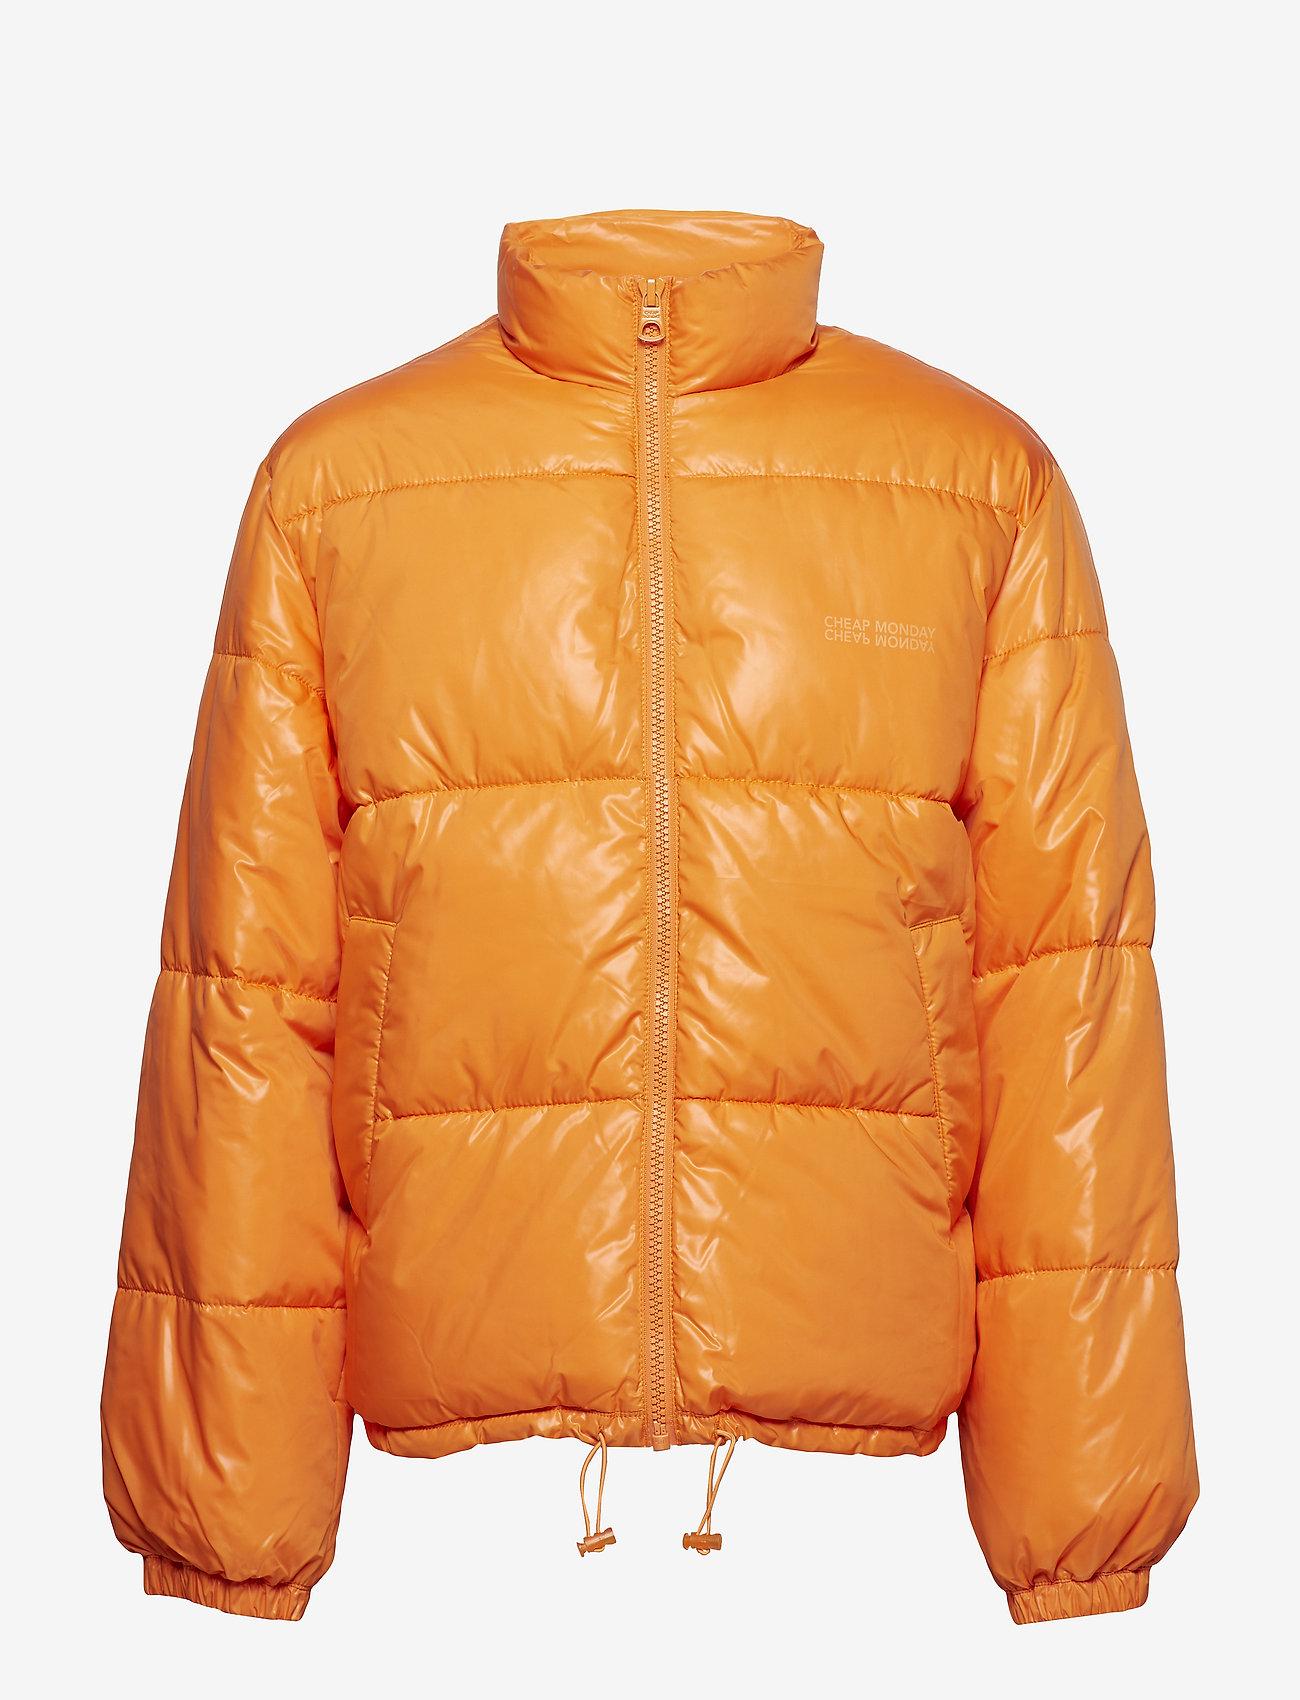 Cheap Monday Now Jacket - Jackor & Rockar Orange